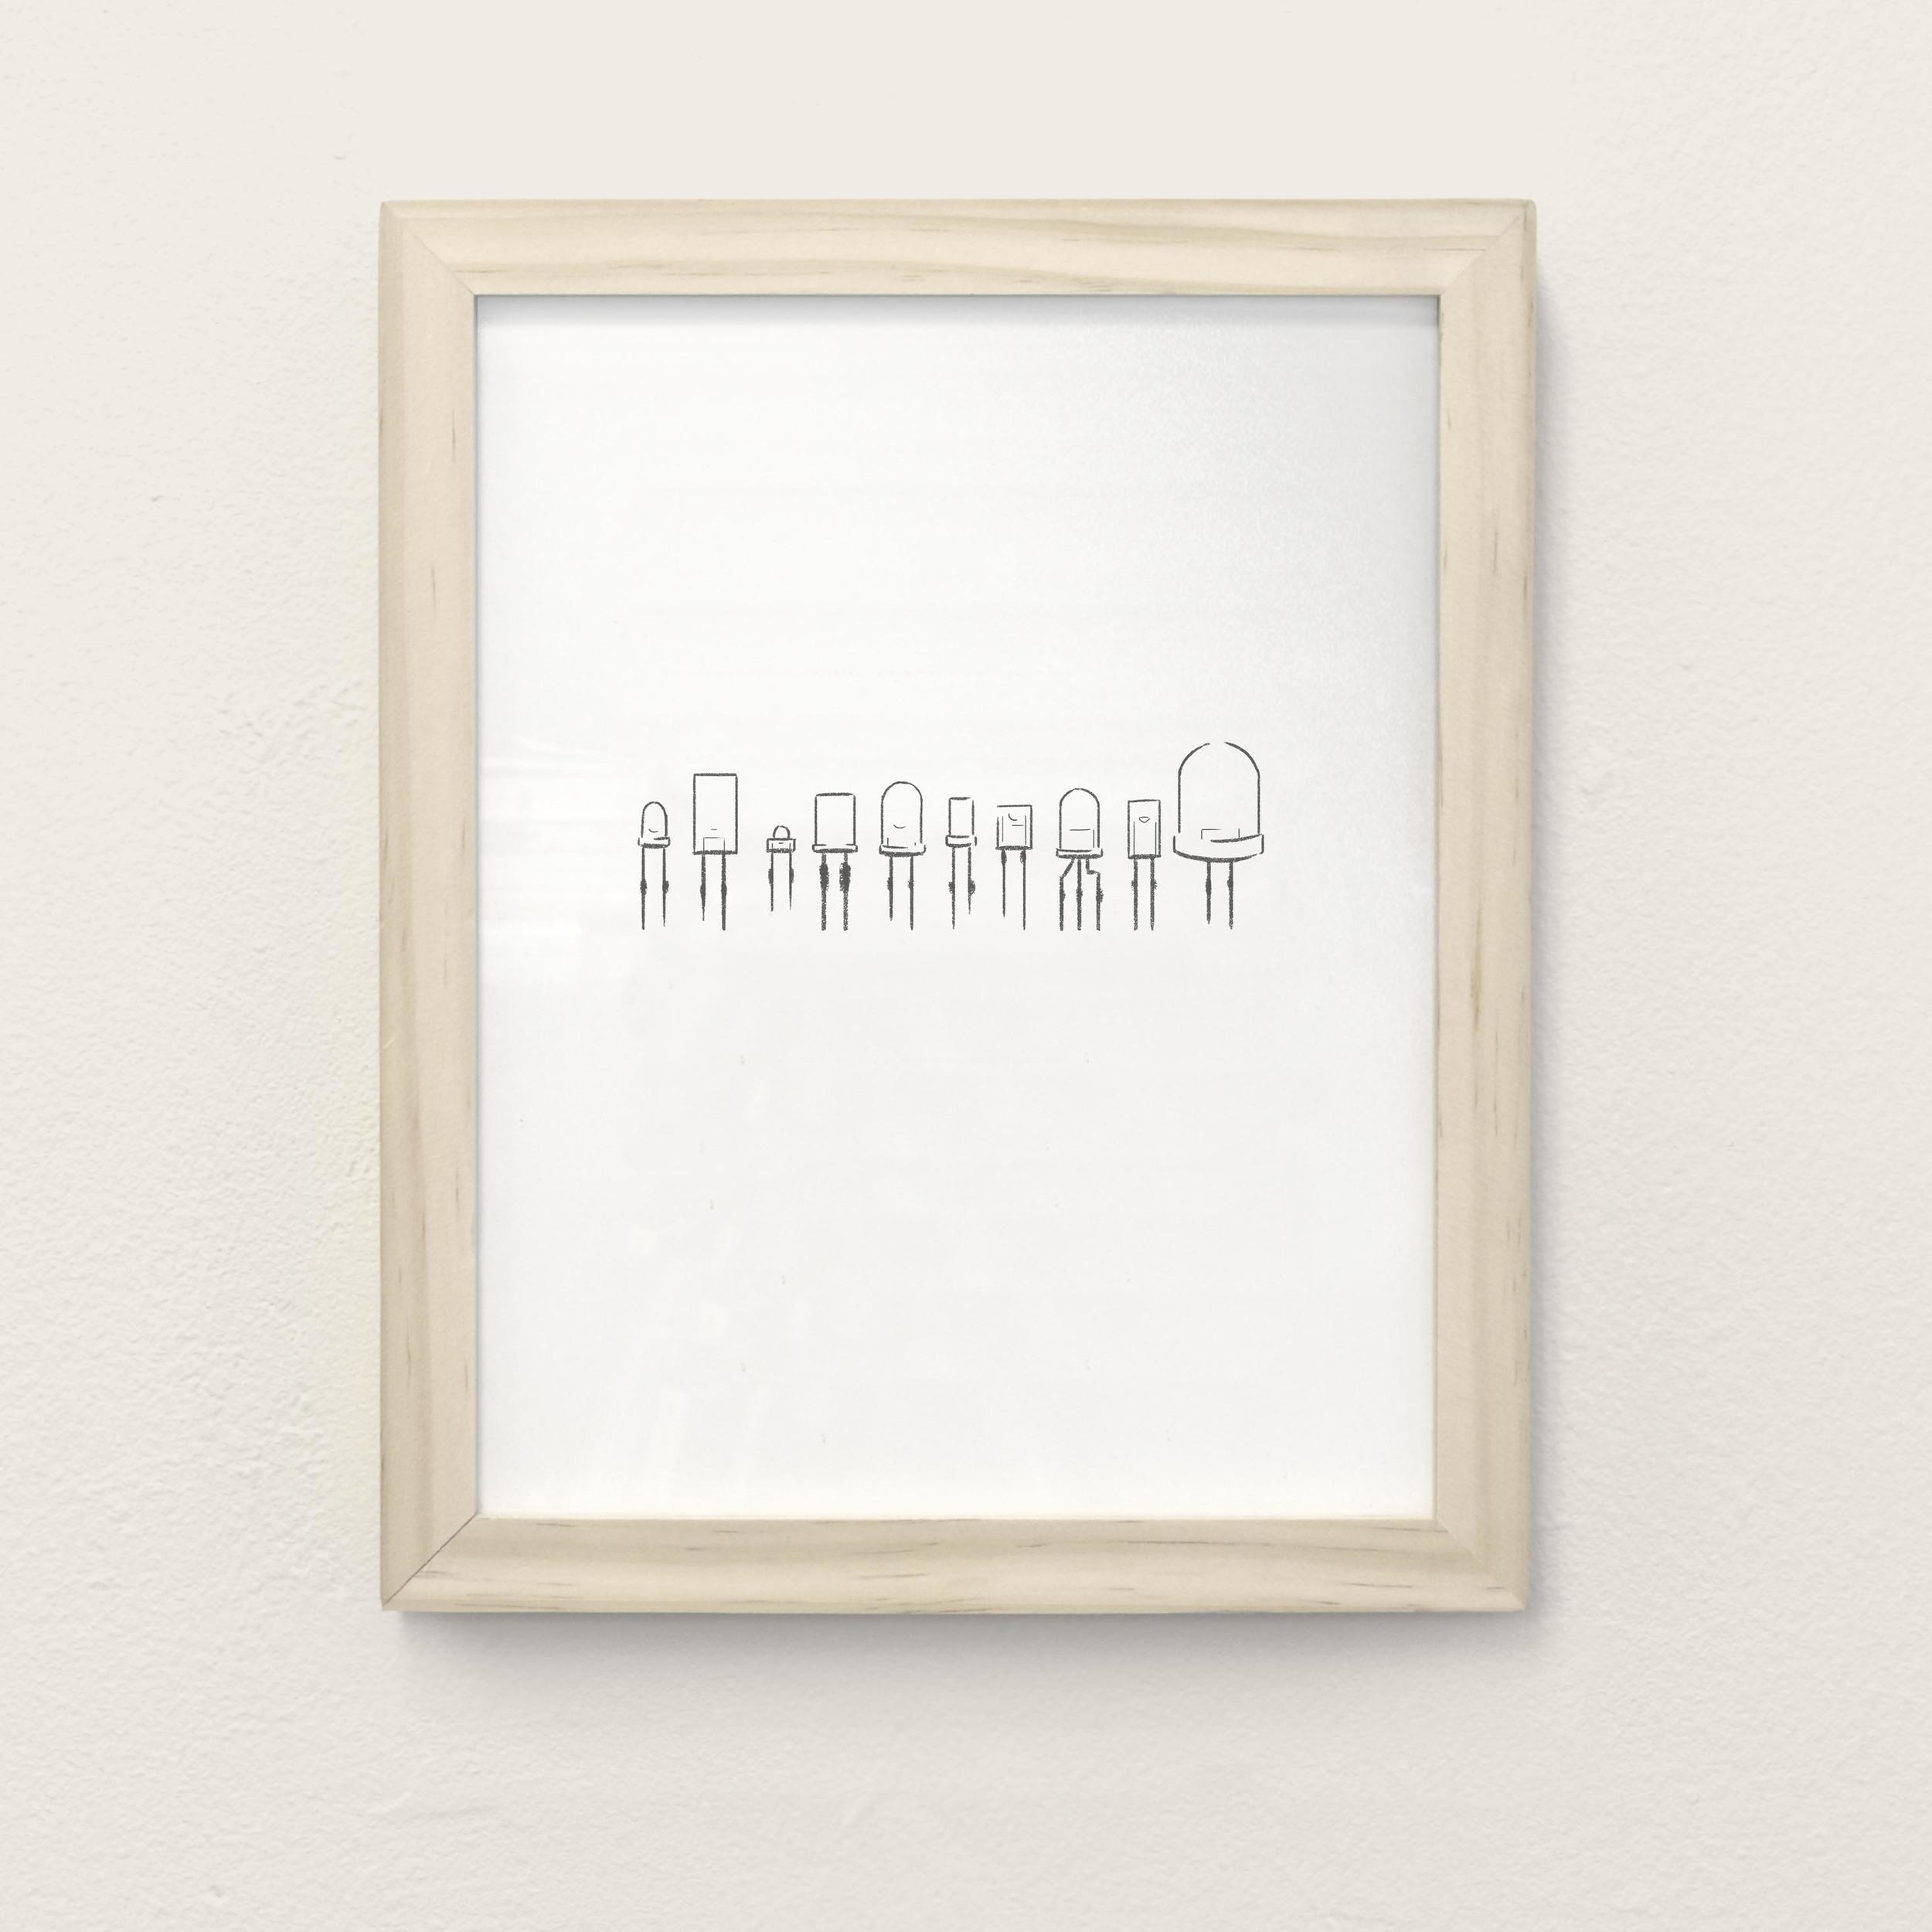 Framed-White_0000_LEDs.jpg